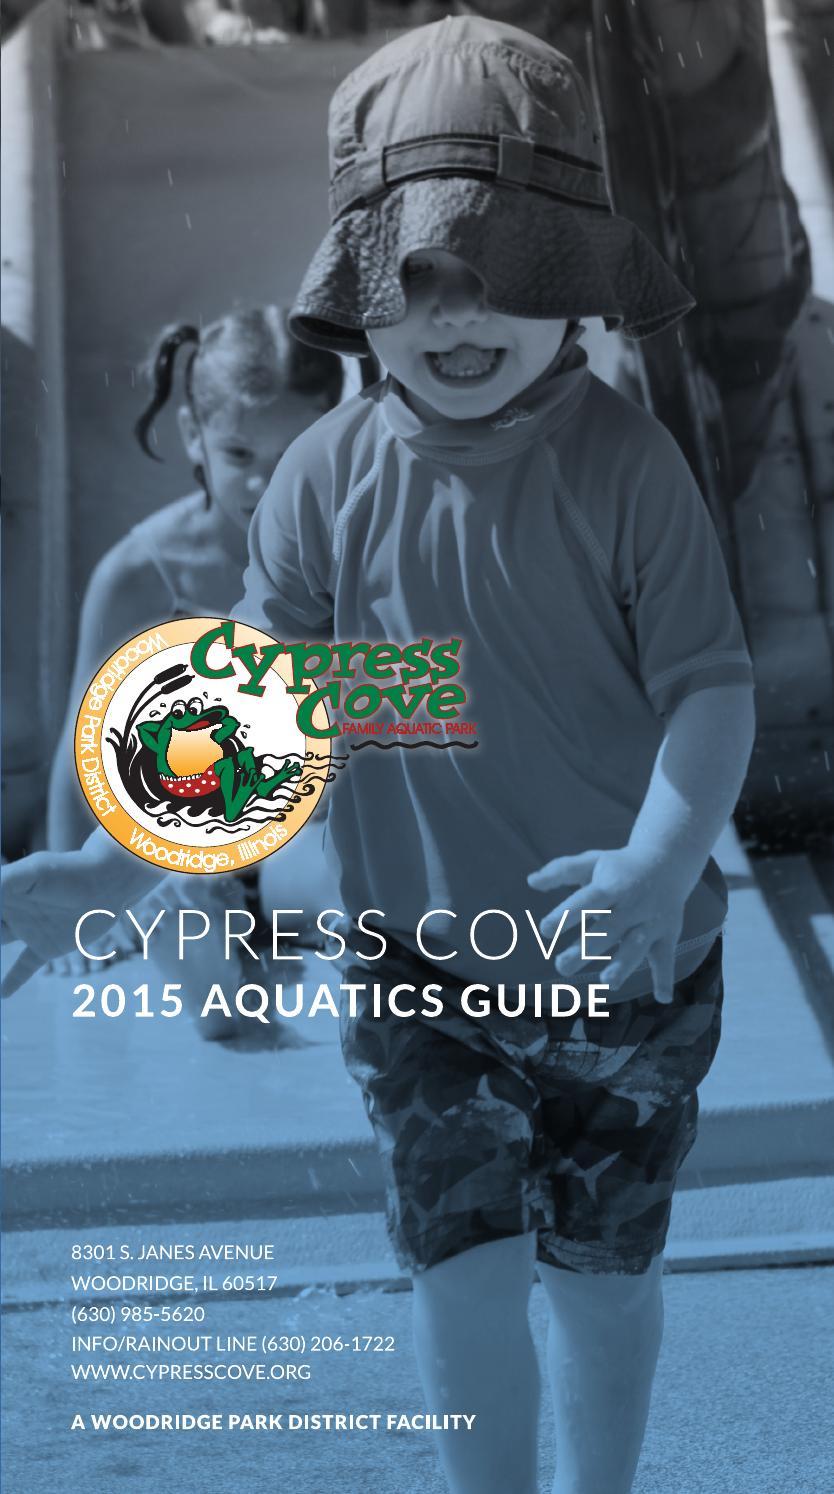 cypress cove family aquatic park 2015 aquatics guide by. Black Bedroom Furniture Sets. Home Design Ideas